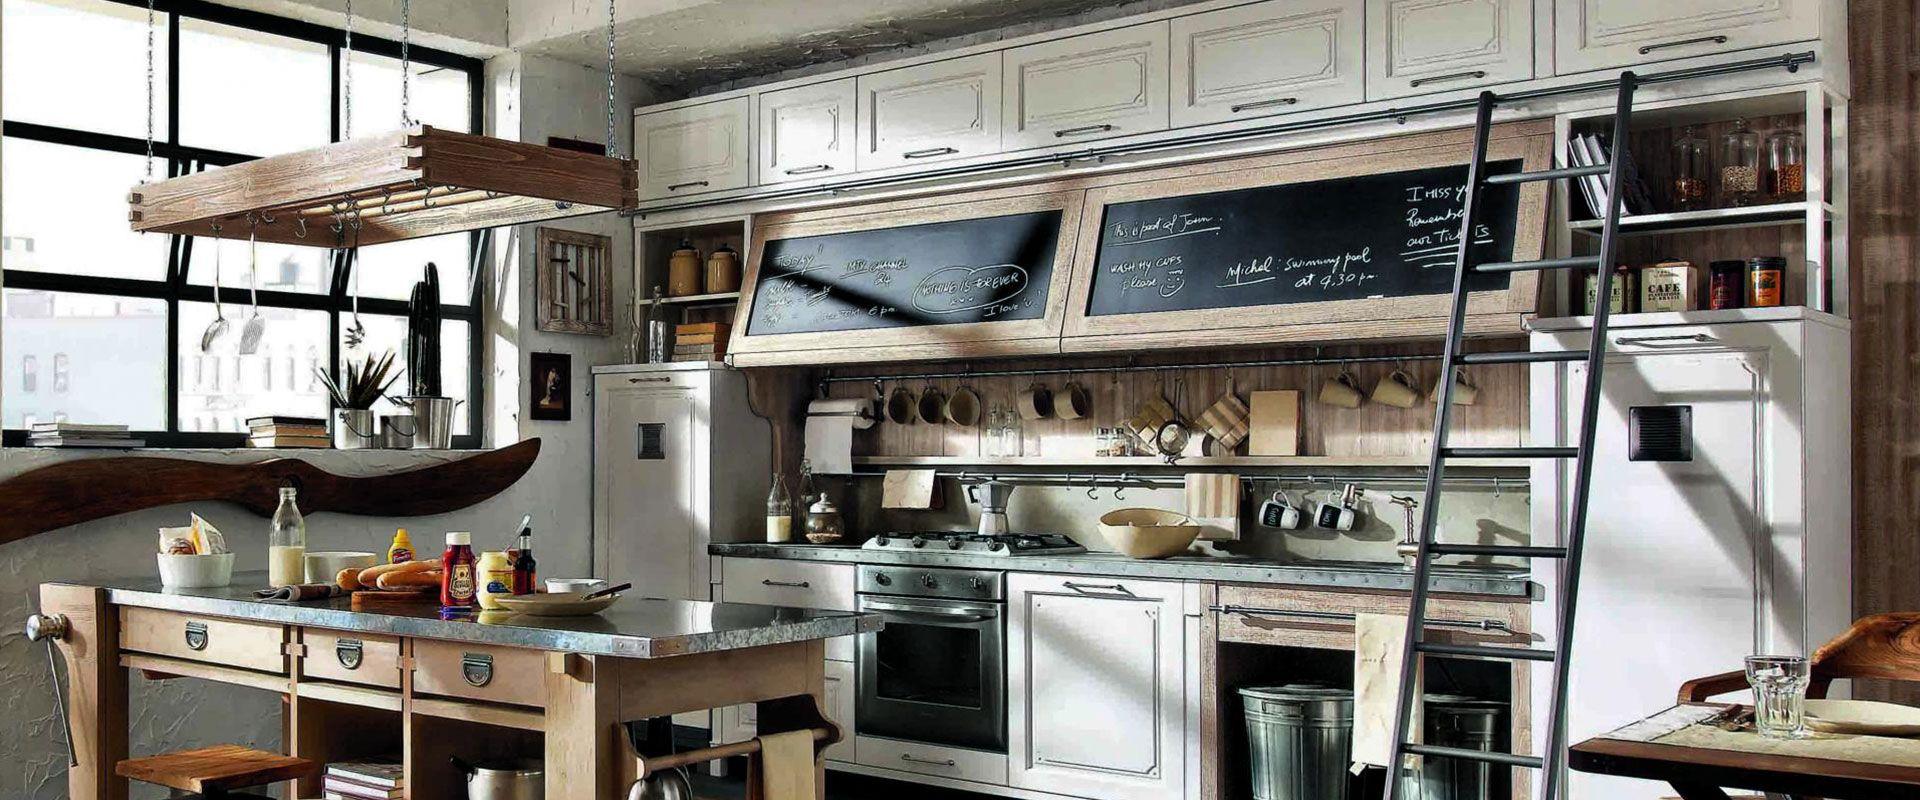 italienische küchen - Google-Suche | Möbel | Pinterest | Vintage